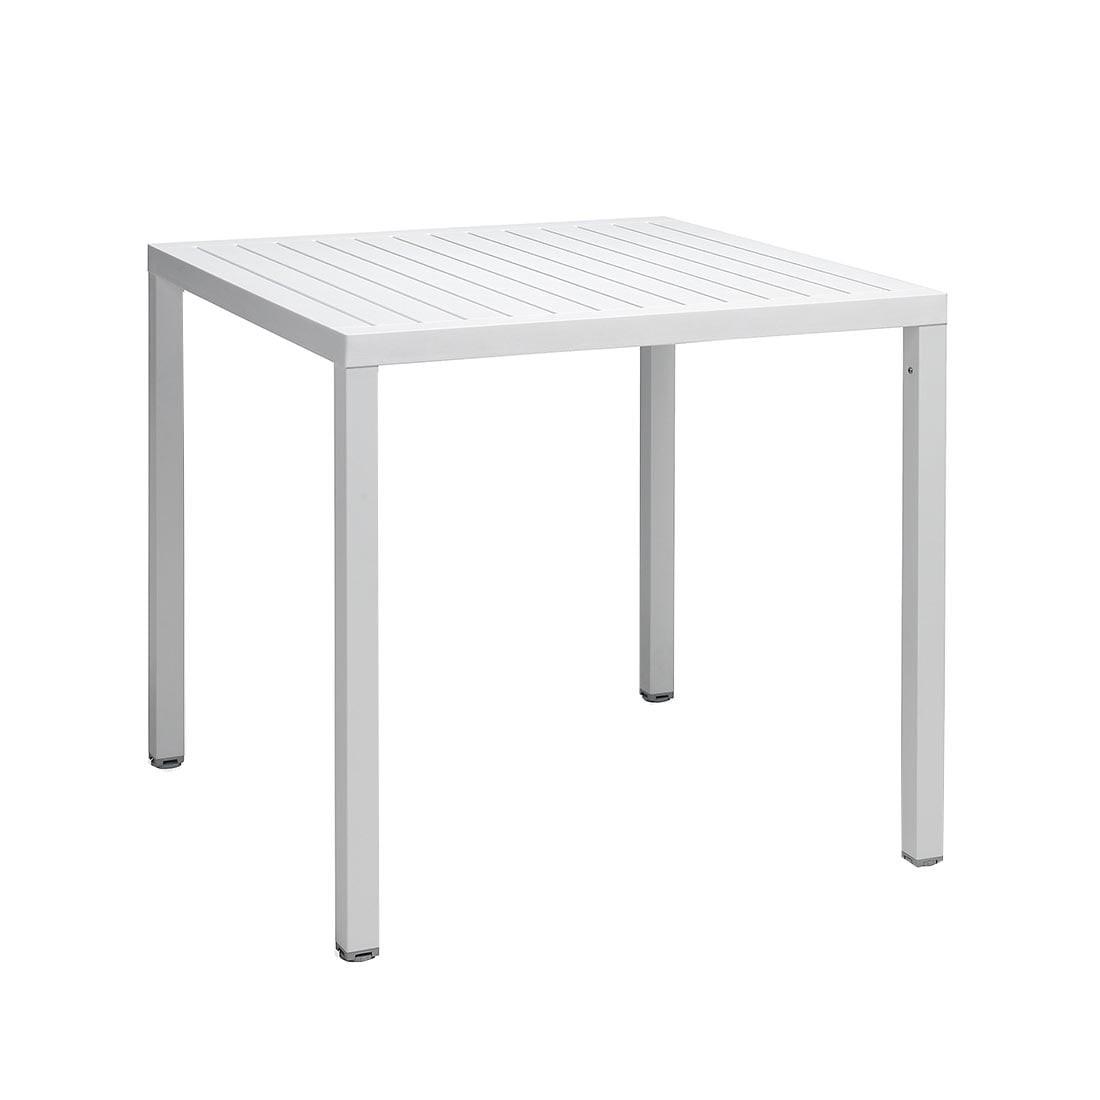 Full Size of Esstisch 80x80 Nardi Cube Tisch Cm Aluminium Kunststoff Garten Und Freizeit Groß Massiv Esstischstühle Eiche Grau Betonplatte Stühle Großer Lampe Mit Esstische Esstisch 80x80